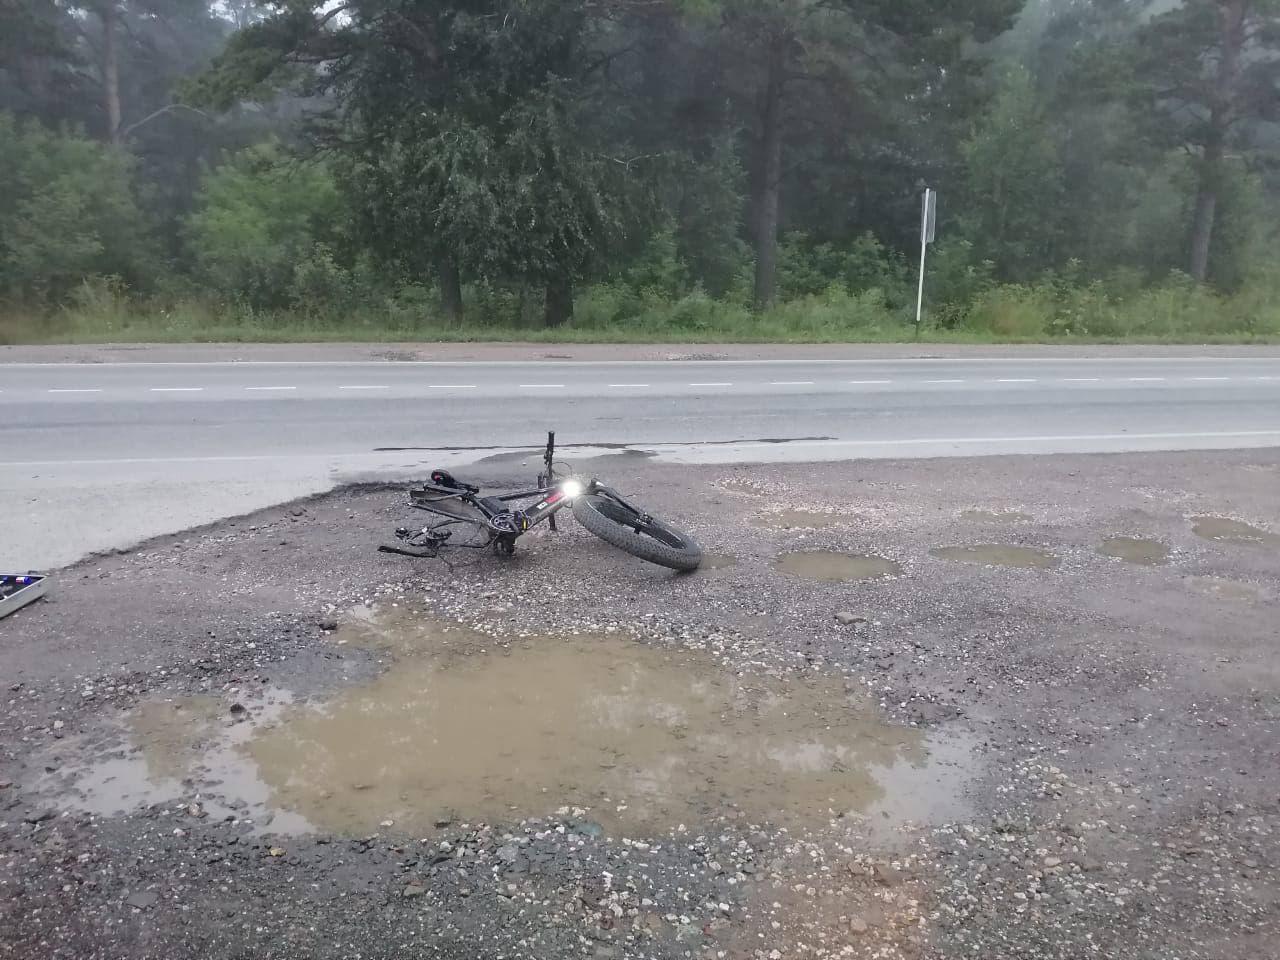 Фото Сидел за пьяное вождение: что известно о подозреваемом в смертельном ДТП с велосипедистом в Новосибирске 2